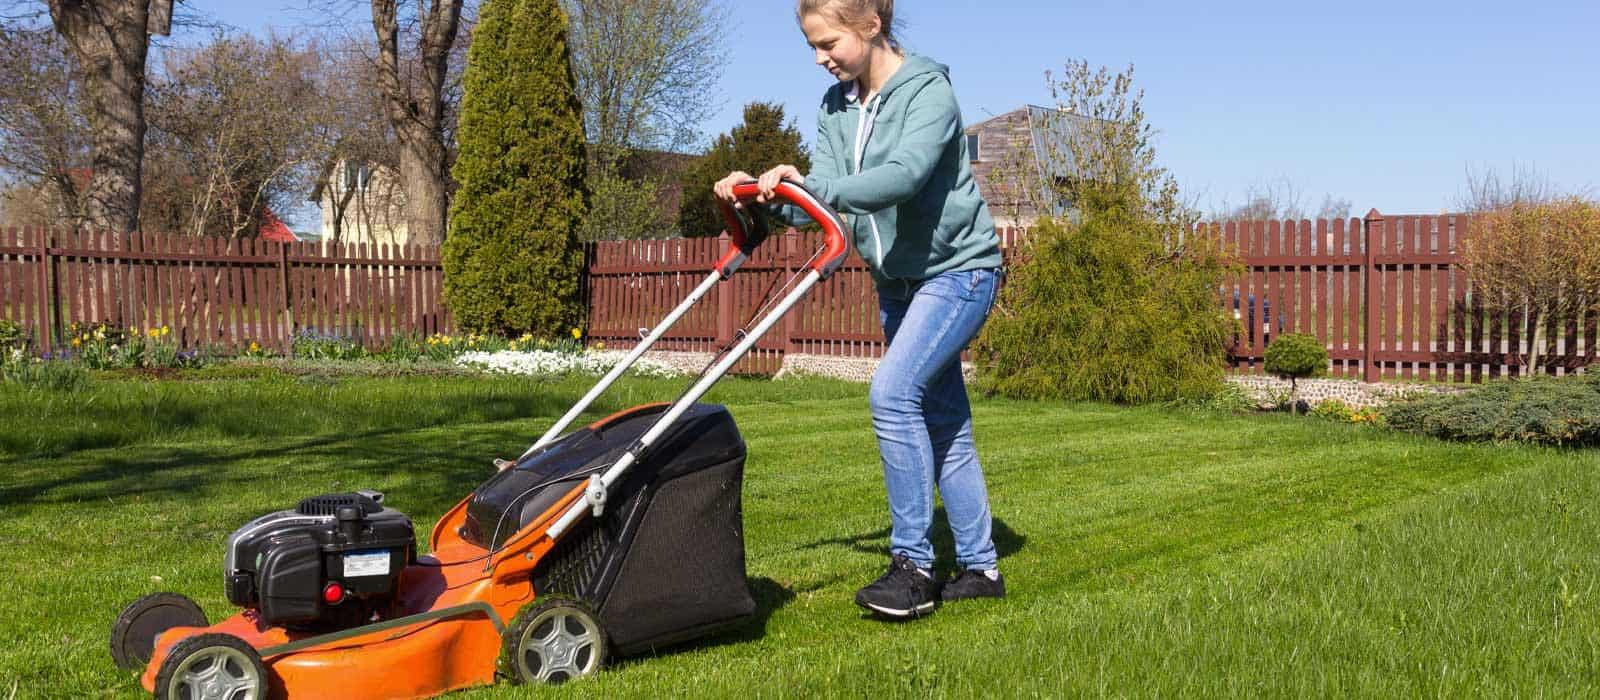 Female steering an orange lawnmower on a lawn in a backyard